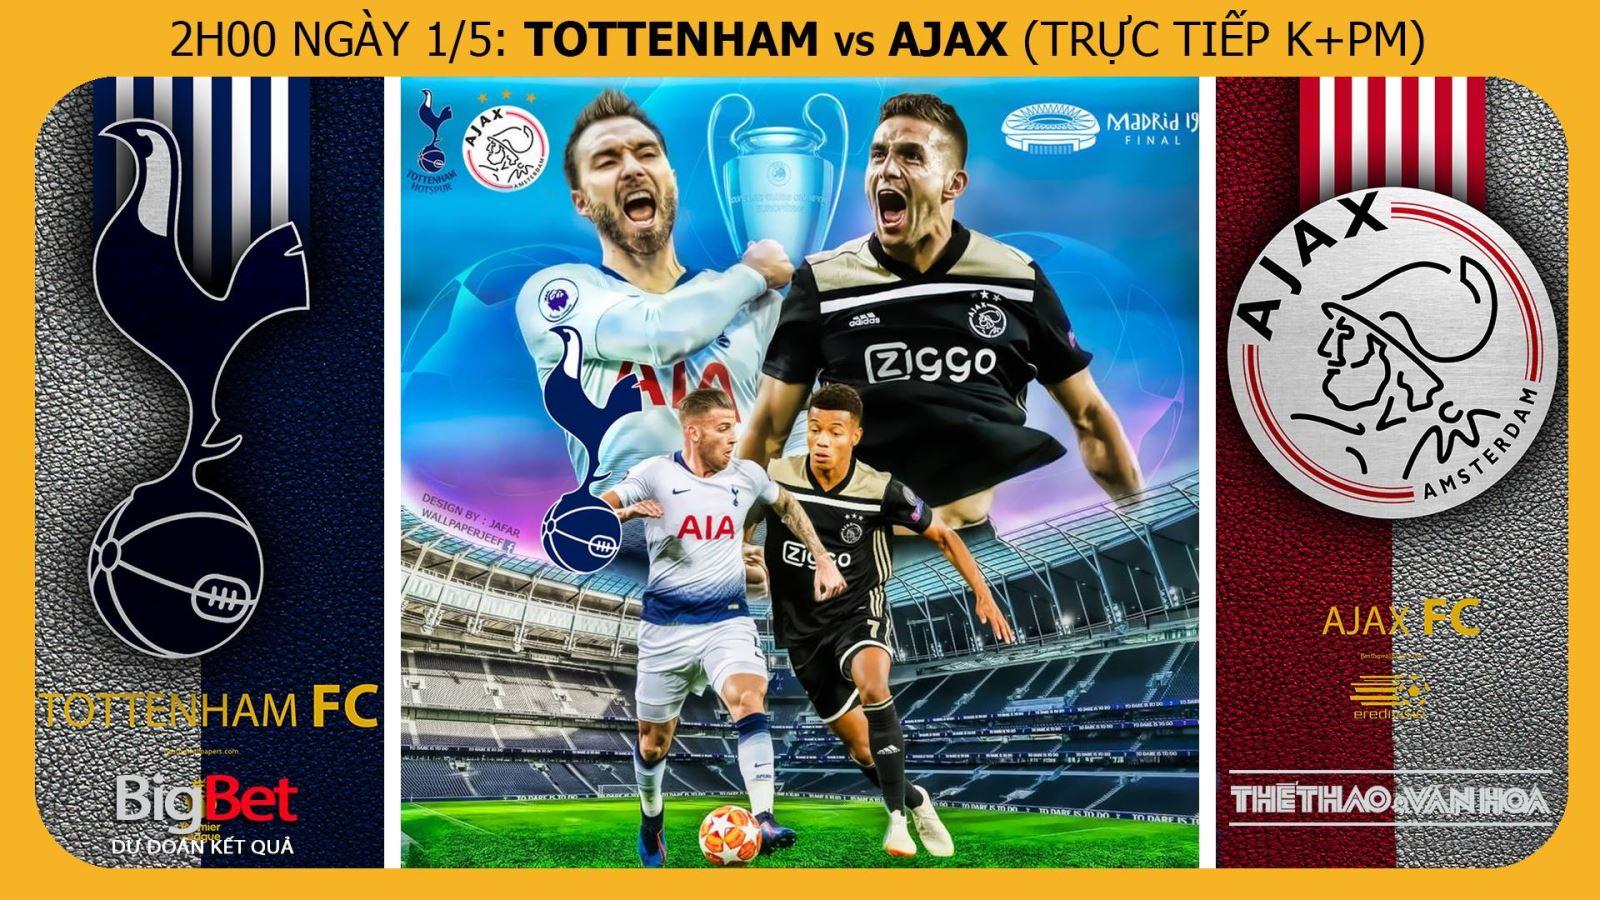 Soi kèo dự đoán bóng đá Tottenham vs Ajax ( 02h00, 1/5). Trực tiếp K+PM